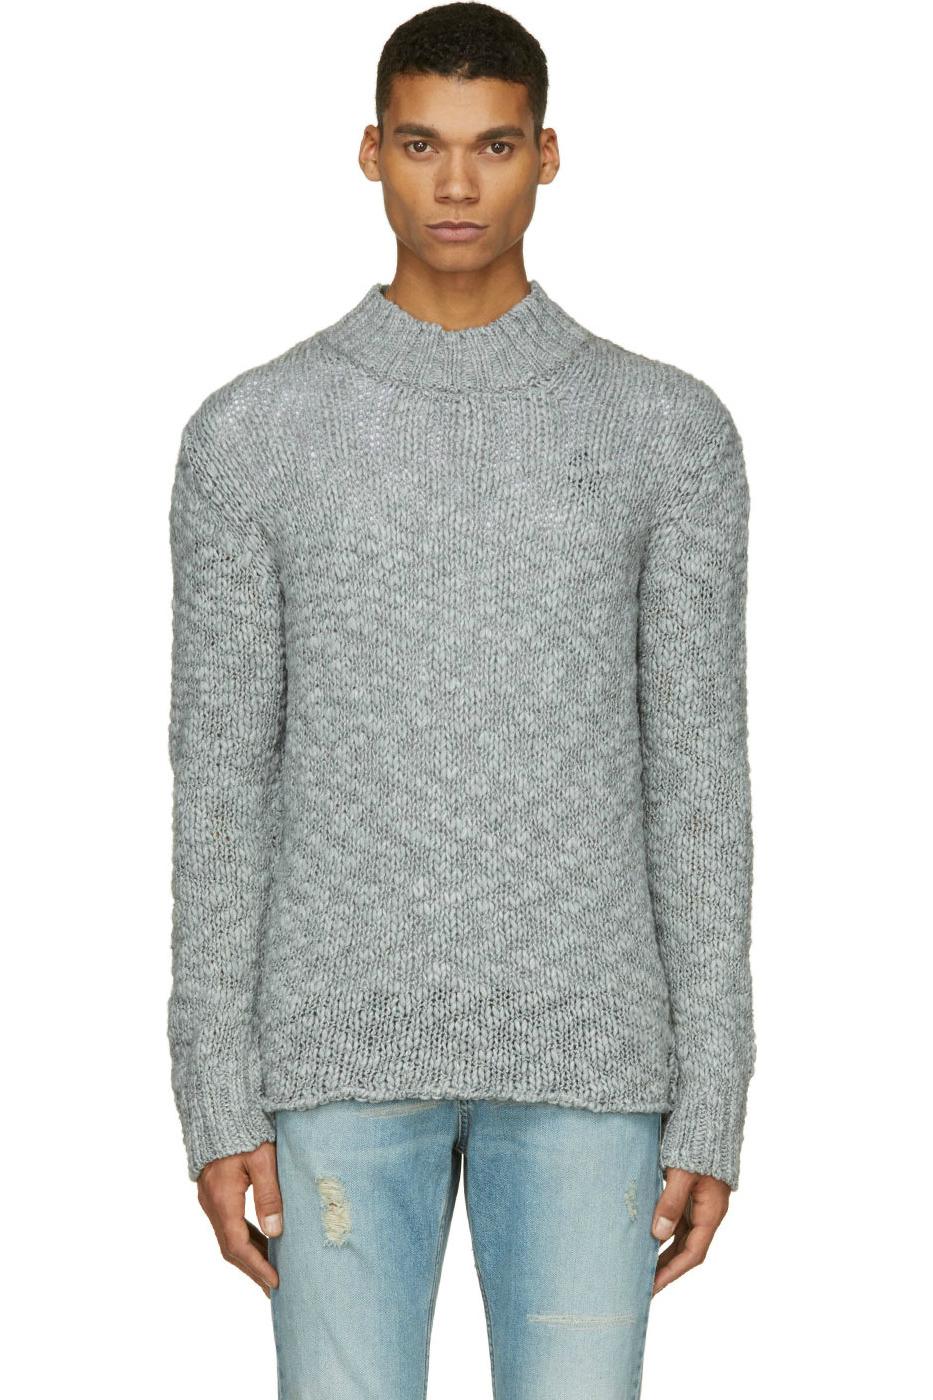 Мужской серый шерстяной зимний свитер удлиненным воротом крупной вязки, McQ Alexander Mcqueen